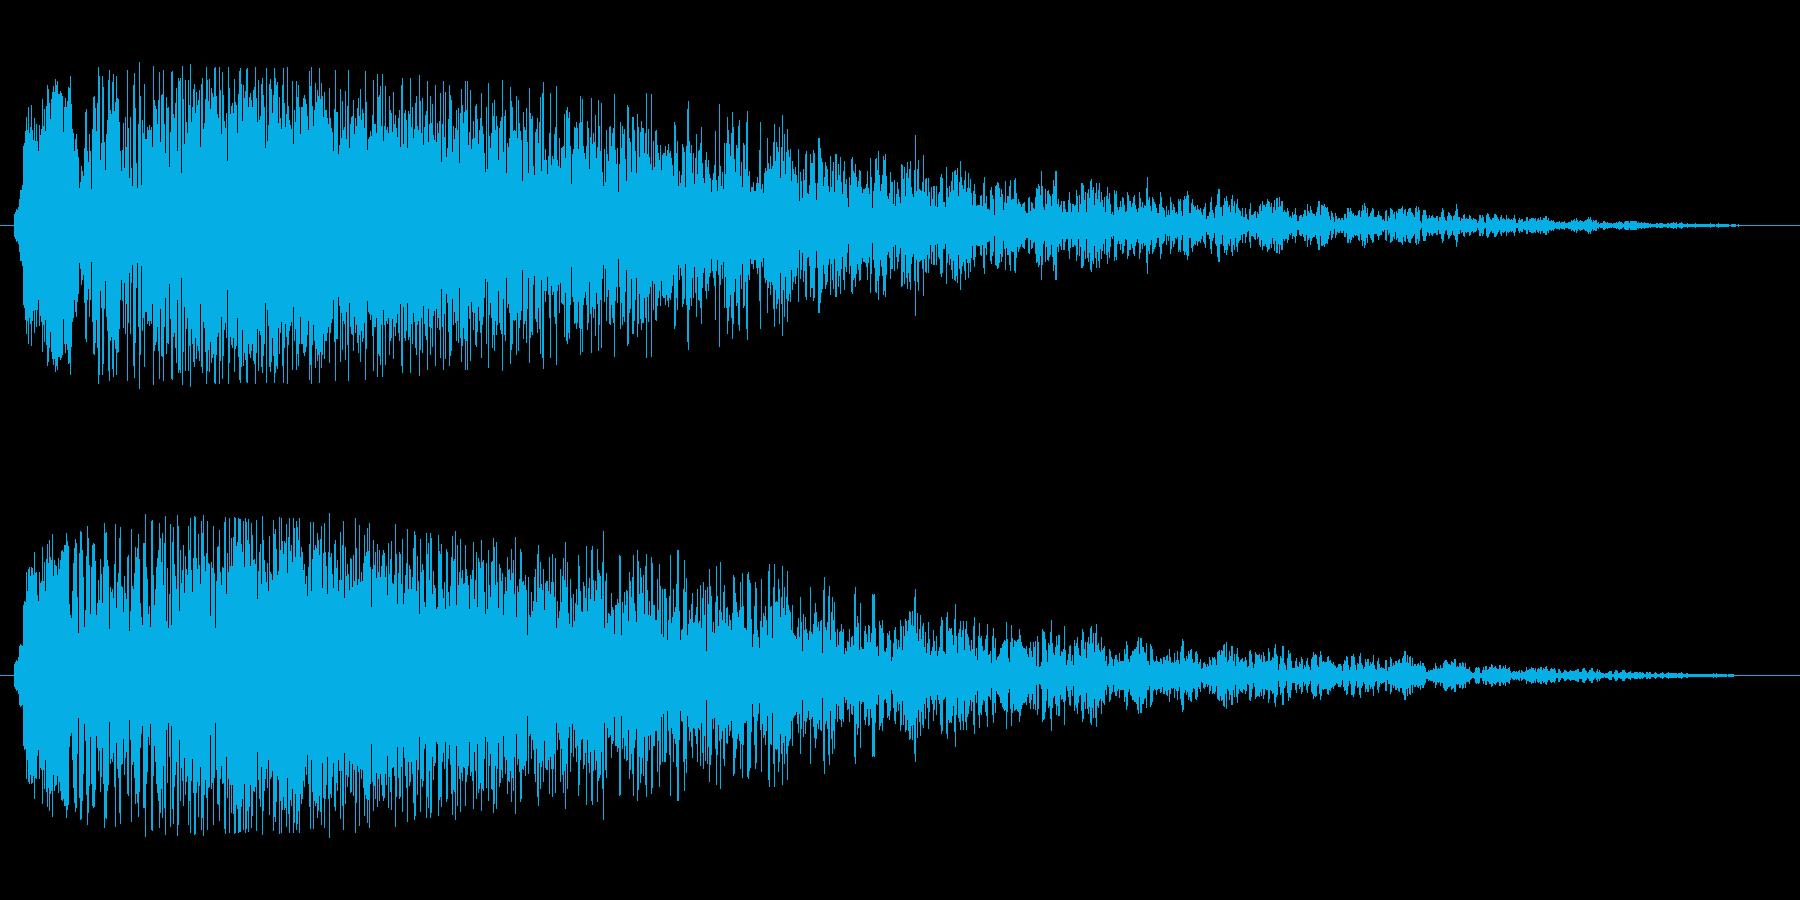 シャラーン(優しく綺麗なタイトル音)の再生済みの波形